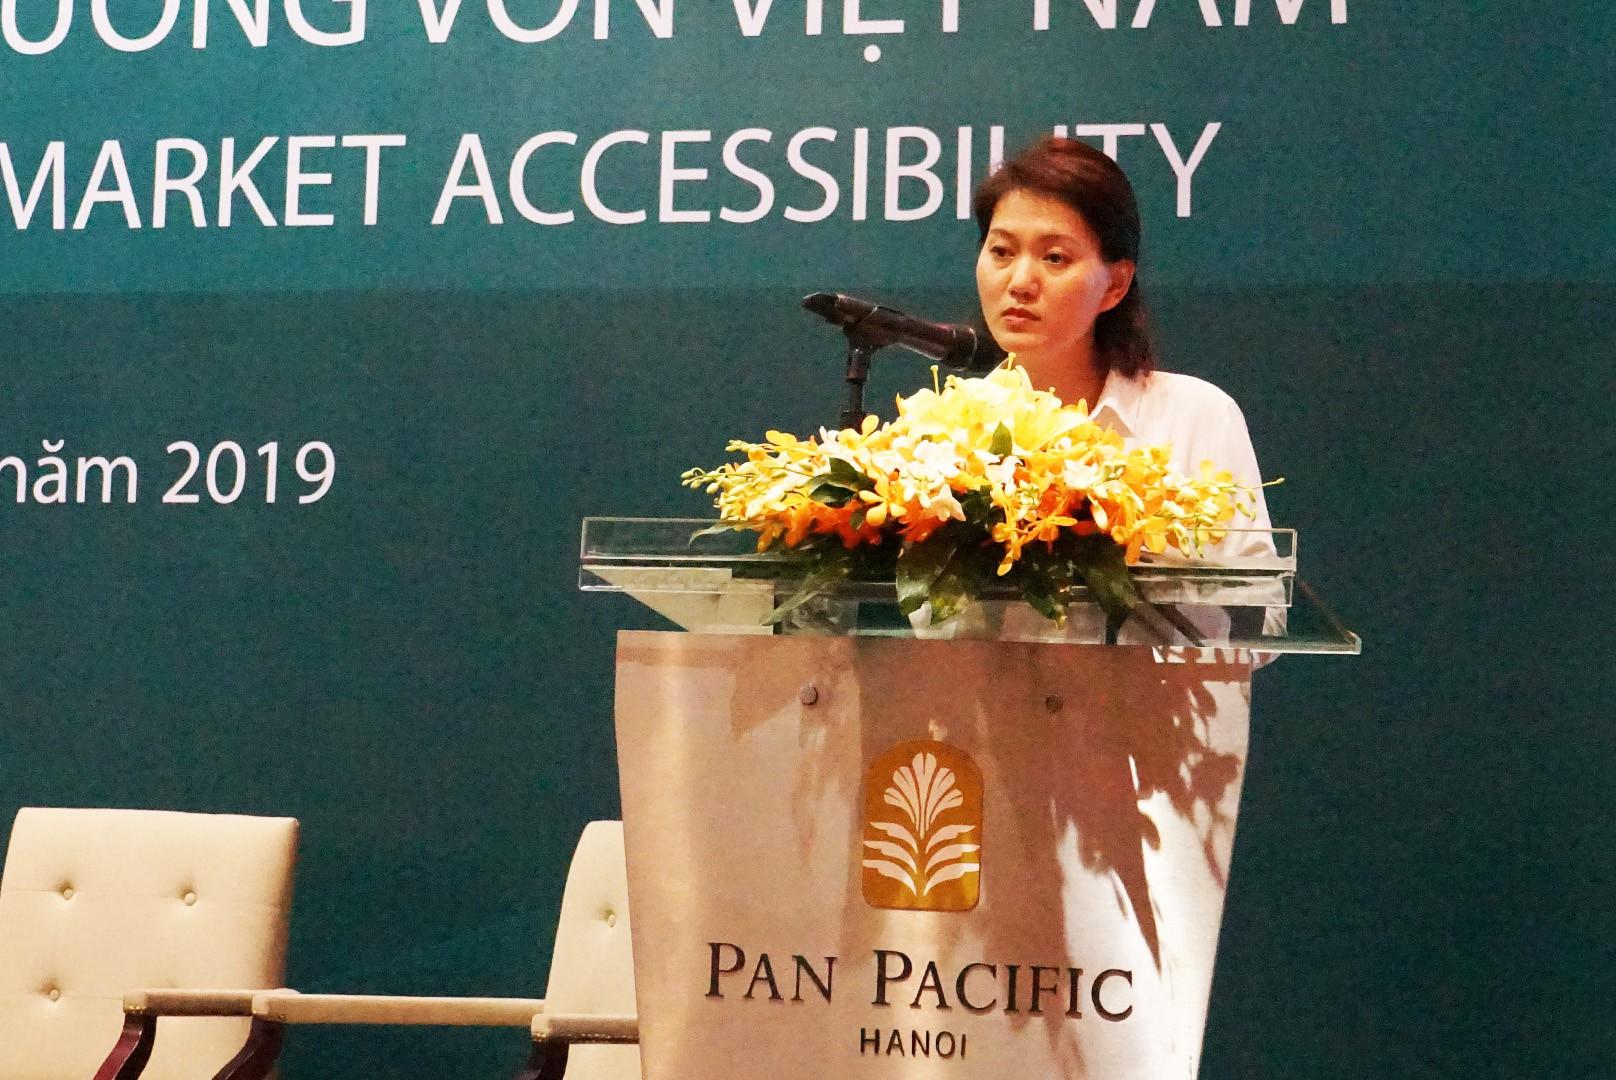 Tăng hấp dẫn vốn khối ngoại, HOSE nghiên cứu thêm hai sản phẩm, 'làn gió mới' của chứng khoán Việt Nam sắp xuất hiện?  - Ảnh 2.